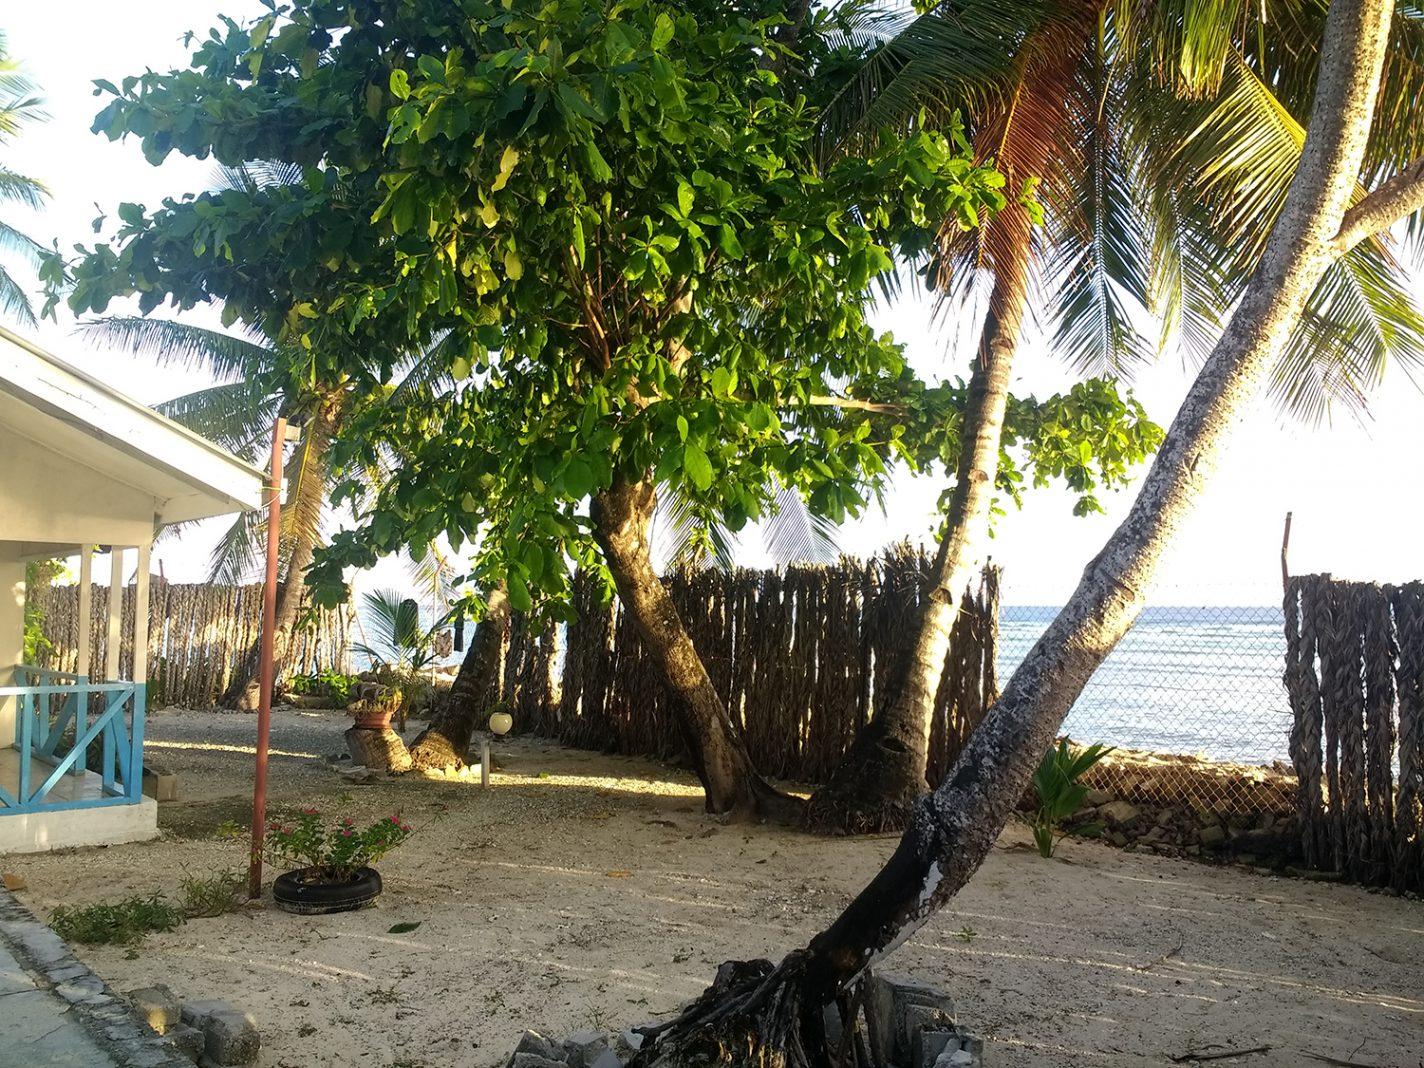 Ons uitzicht op zee - Kiribati